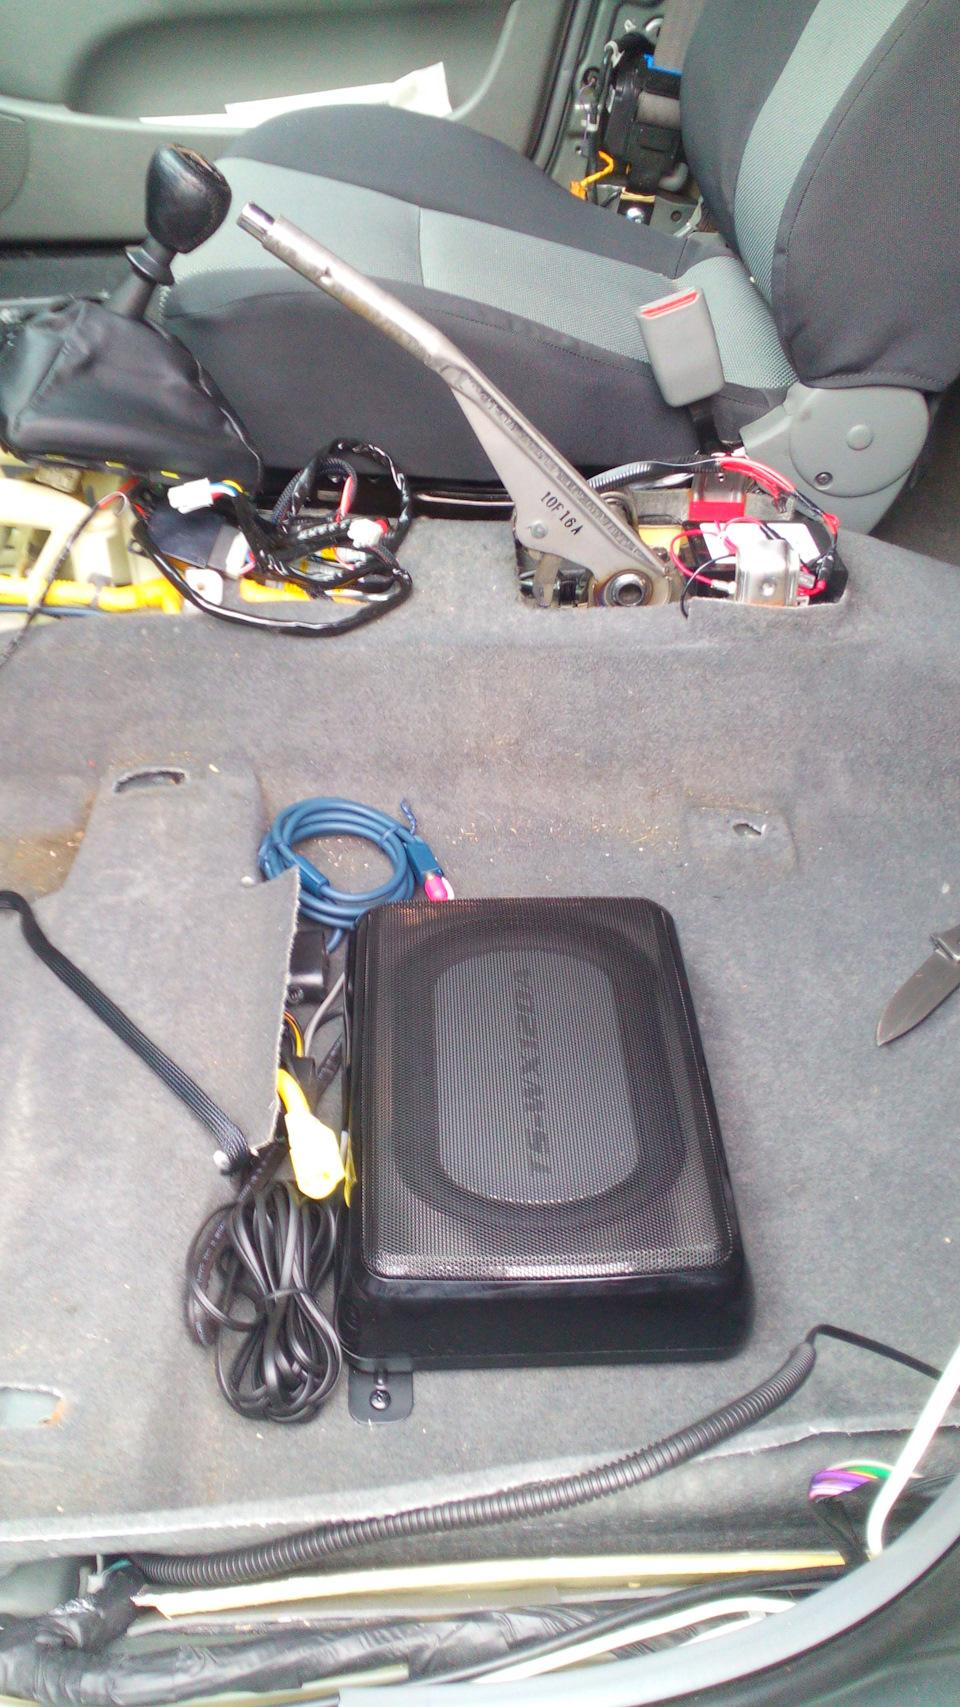 Сабвуфер под сиденье в машину